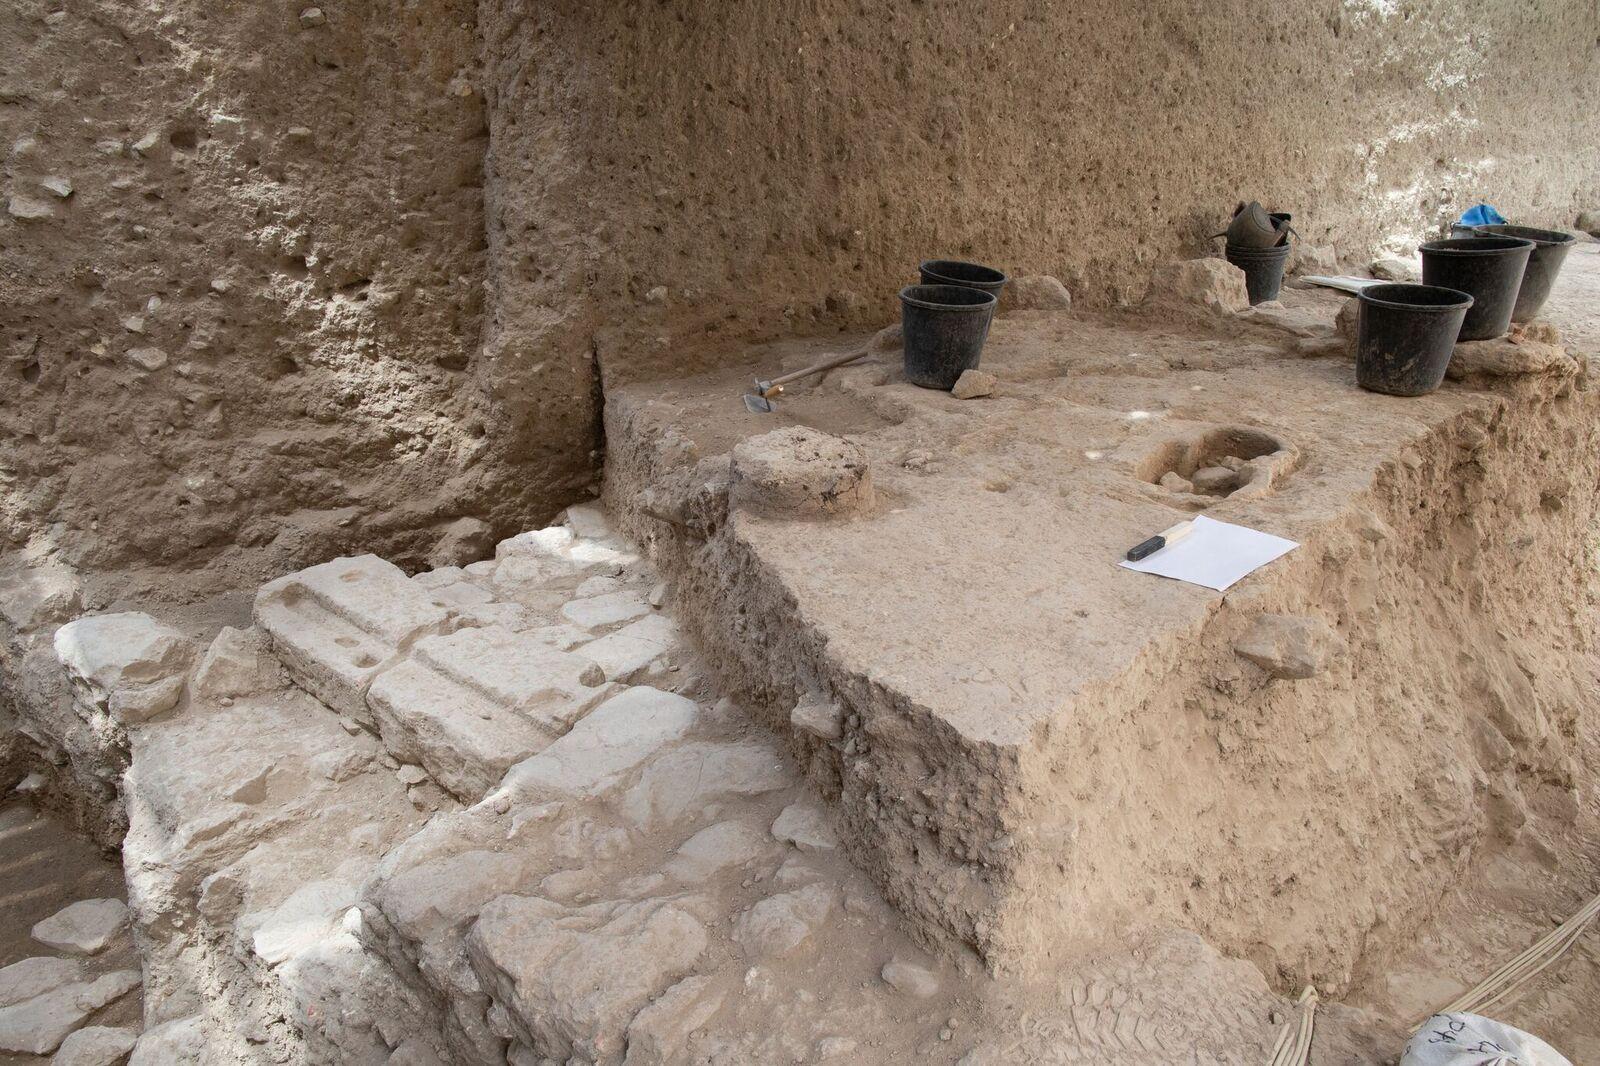 שטח החפירה בו נמצא הקמע - צילום: אליהו ינאי - עיר דוד